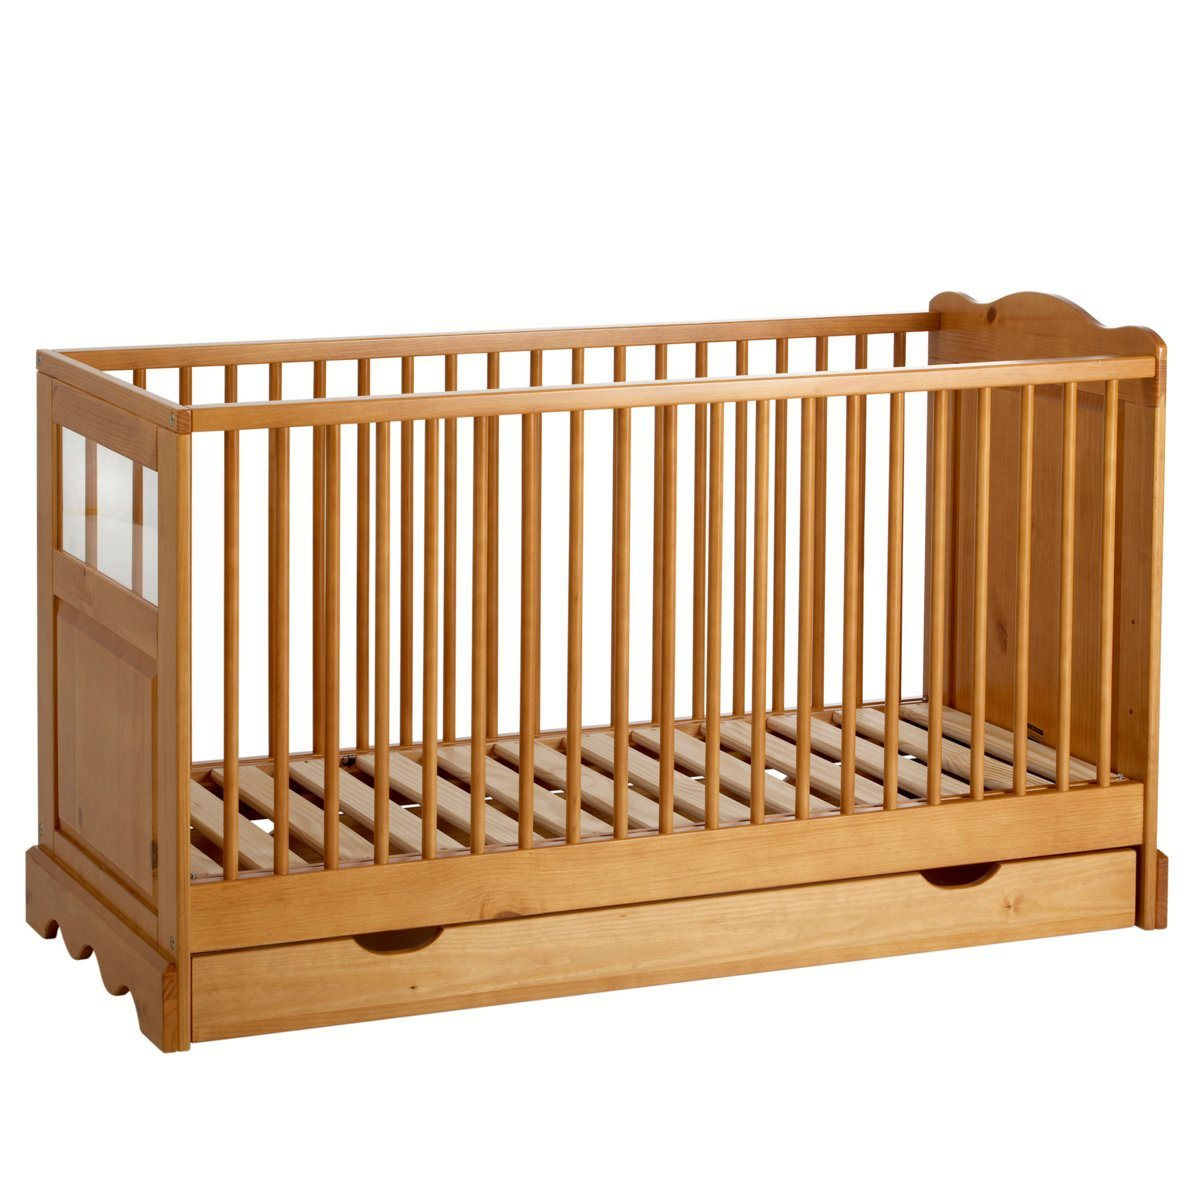 Le lit avec tiroir en pin massif pour b b la redoute 242 au lieu de 402 - Lit escamotable la redoute ...